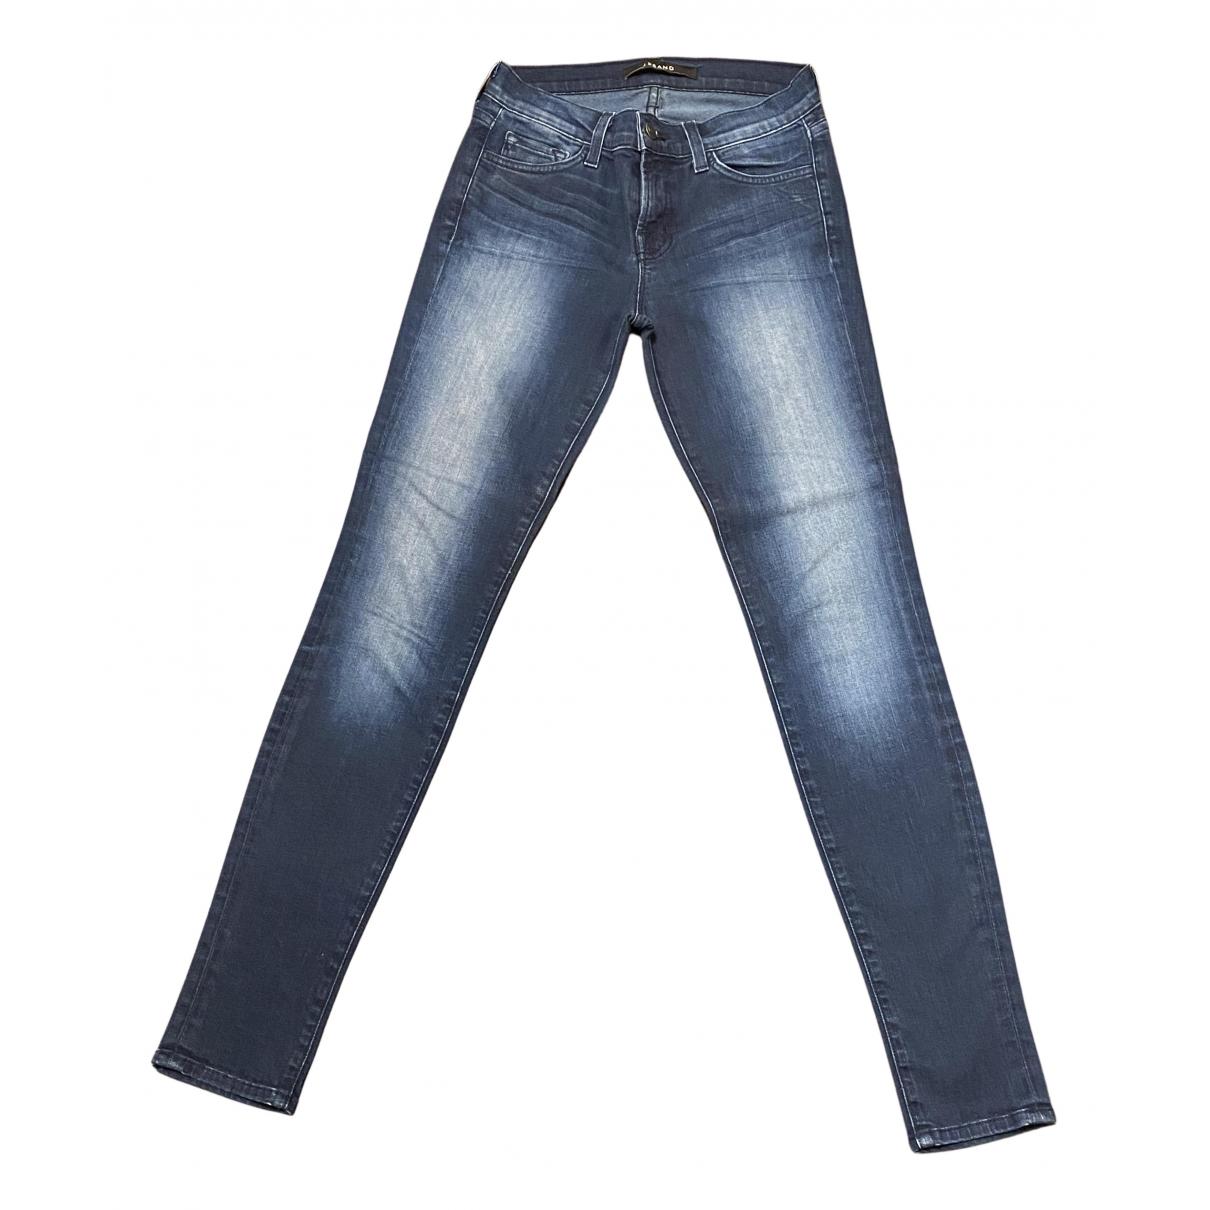 J Brand \N Jeans in Denim - Jeans